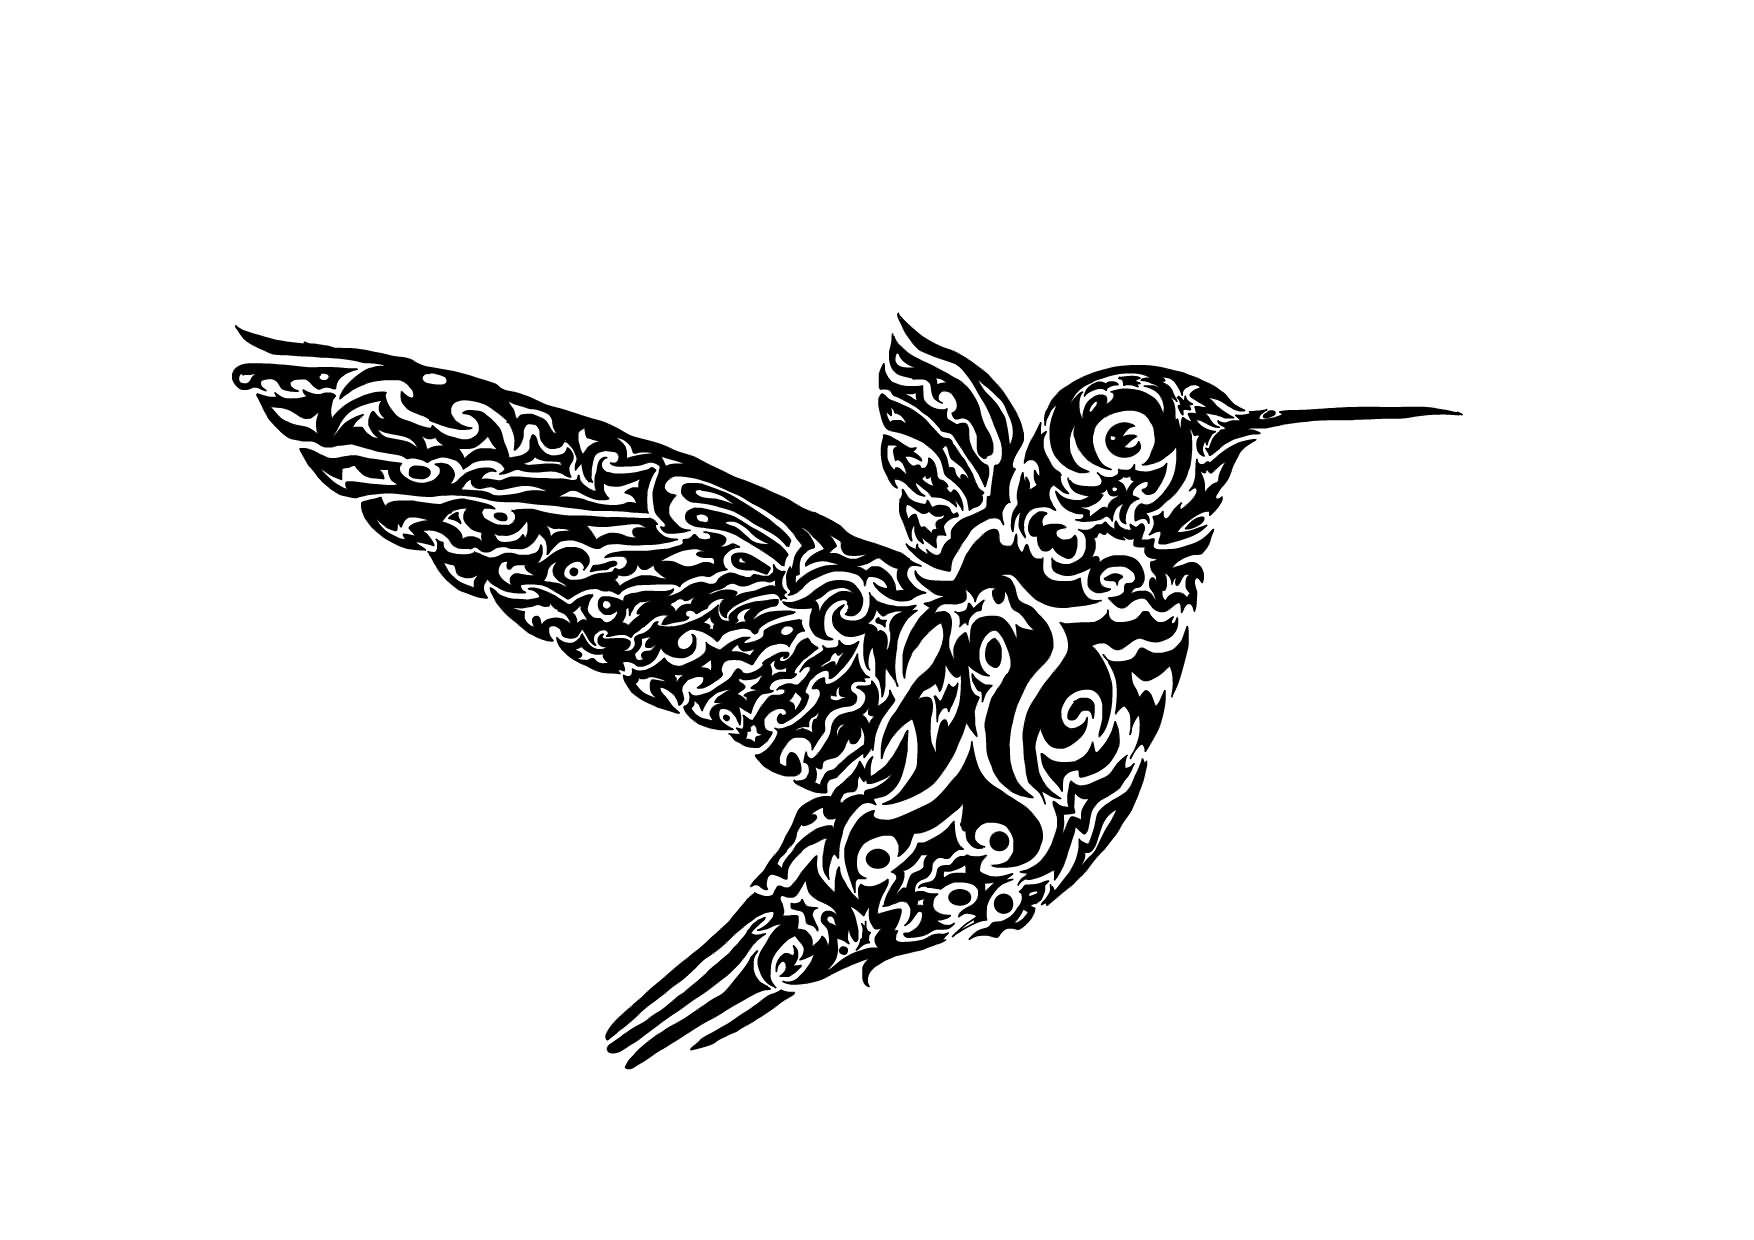 Super black tribal hummingbird tattoo design